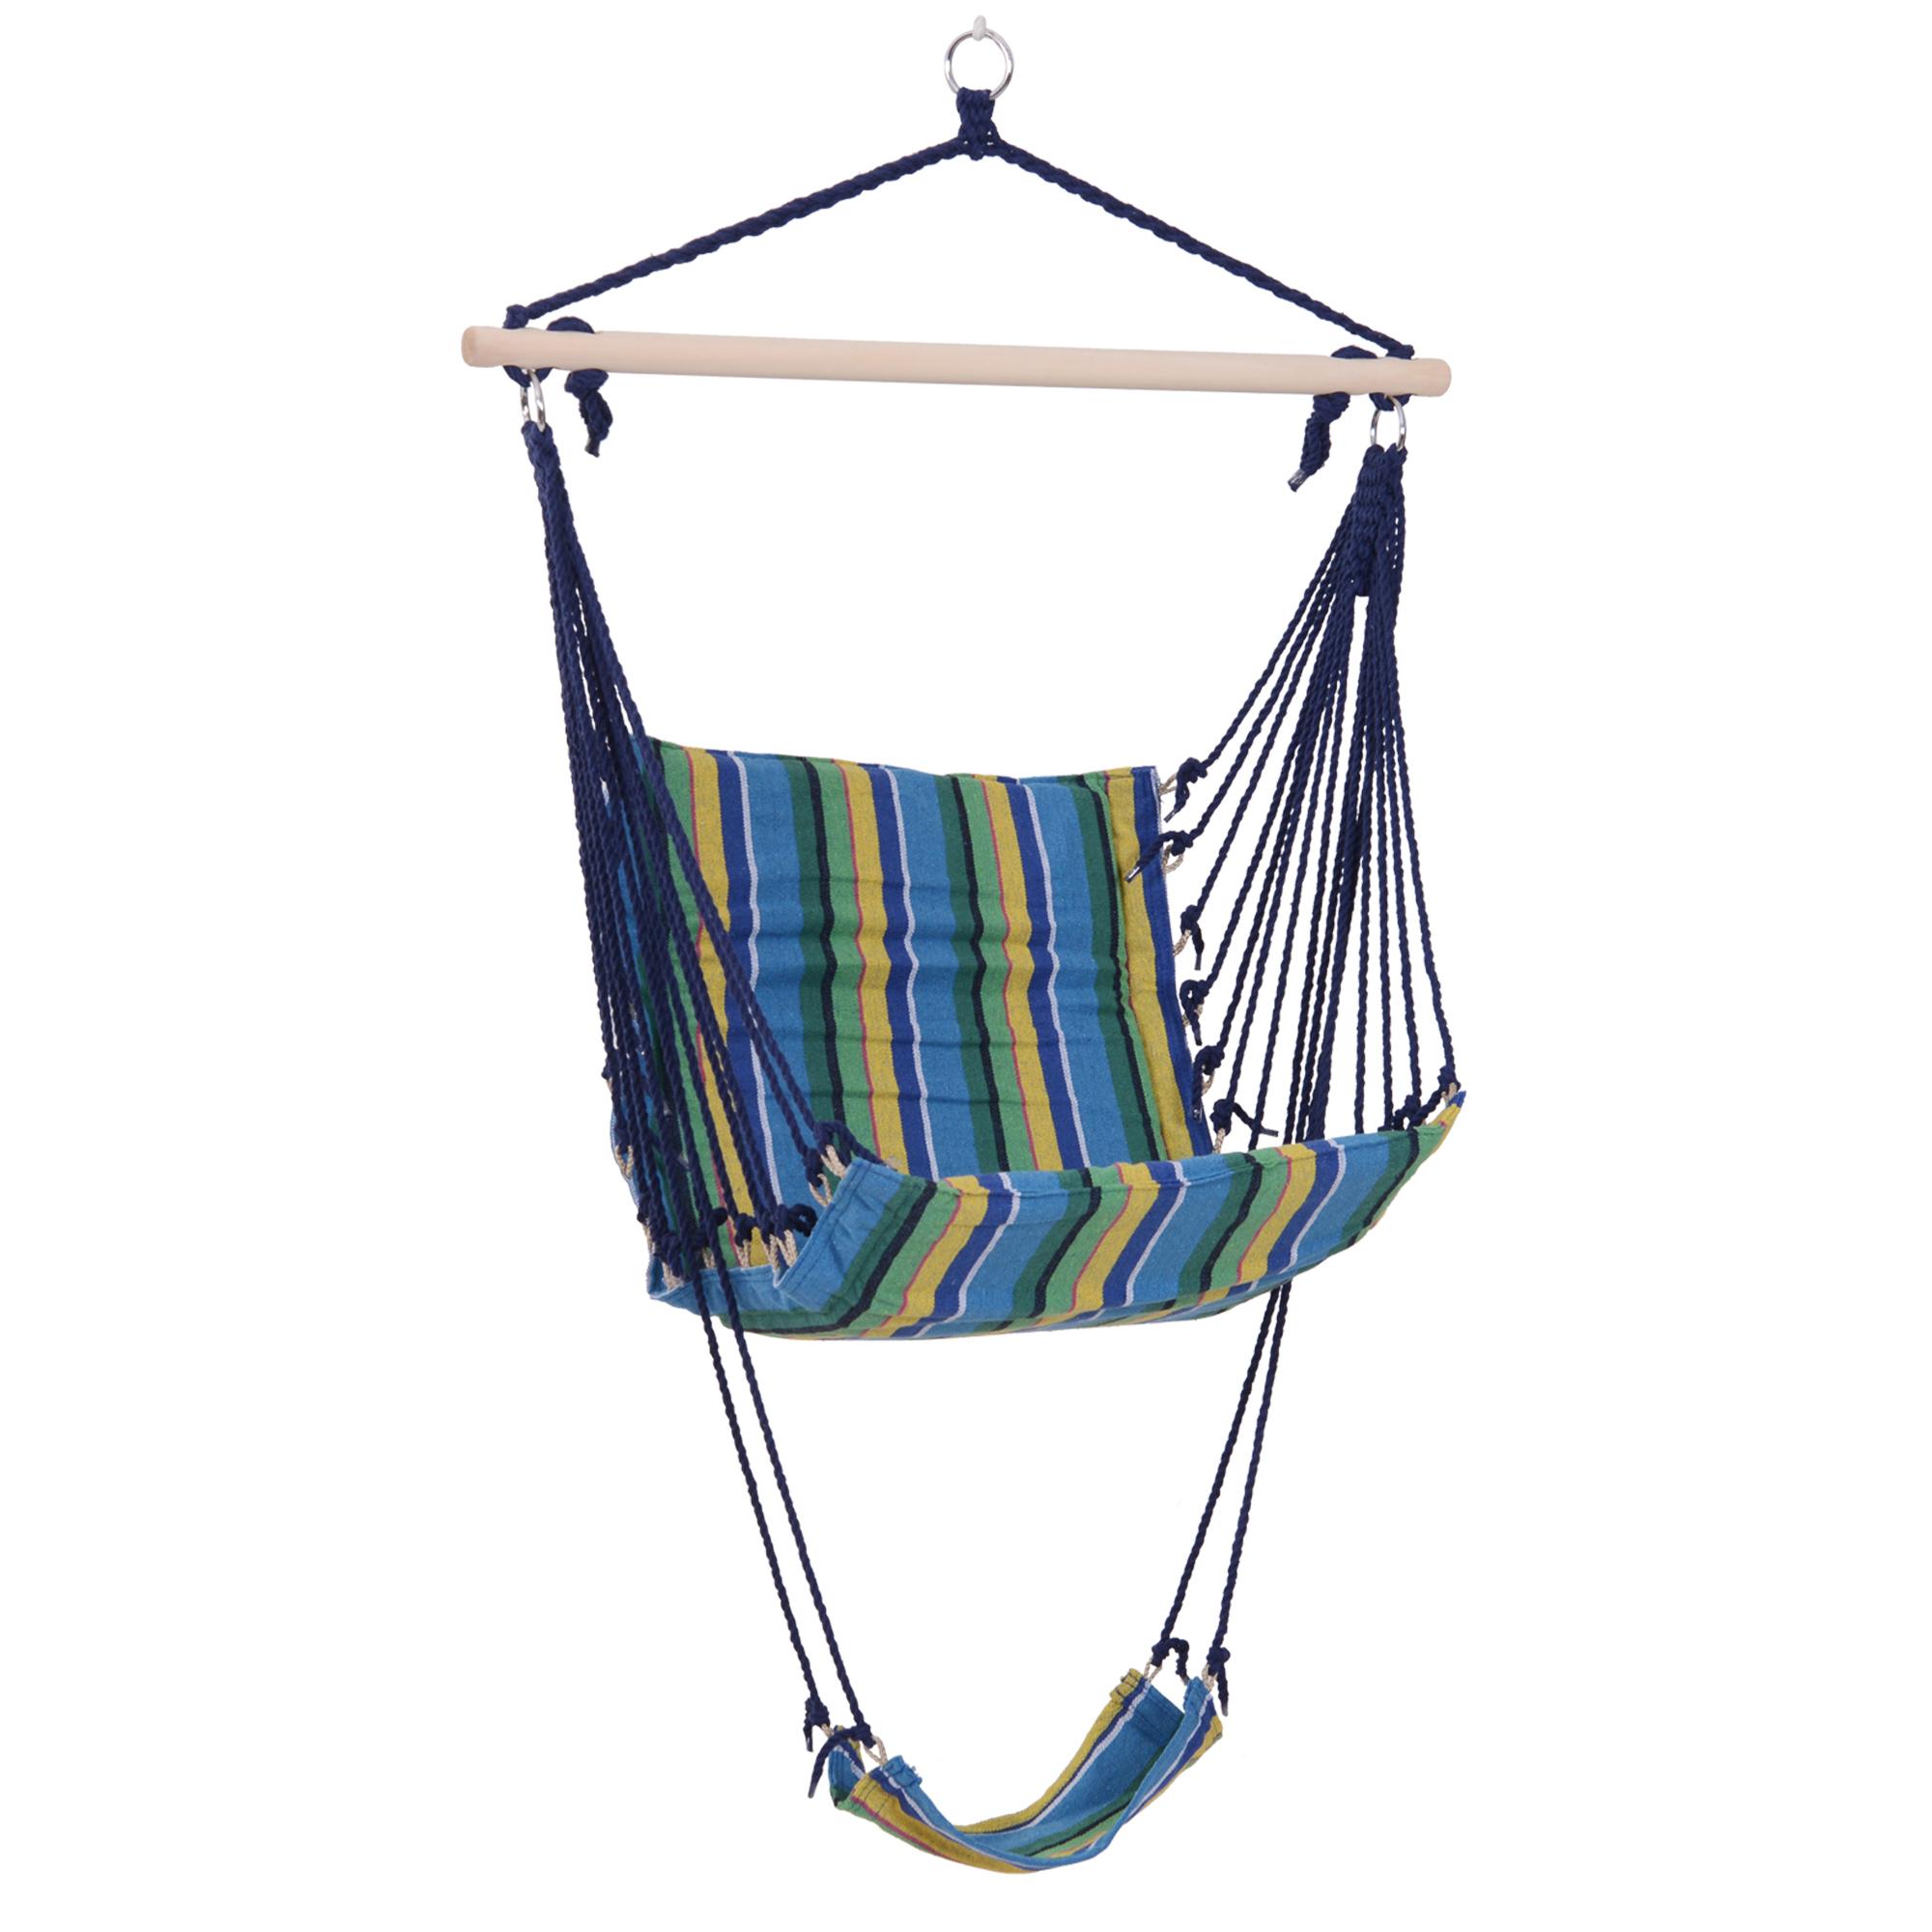 Chaise suspendue hamac avec repose pieds bleu